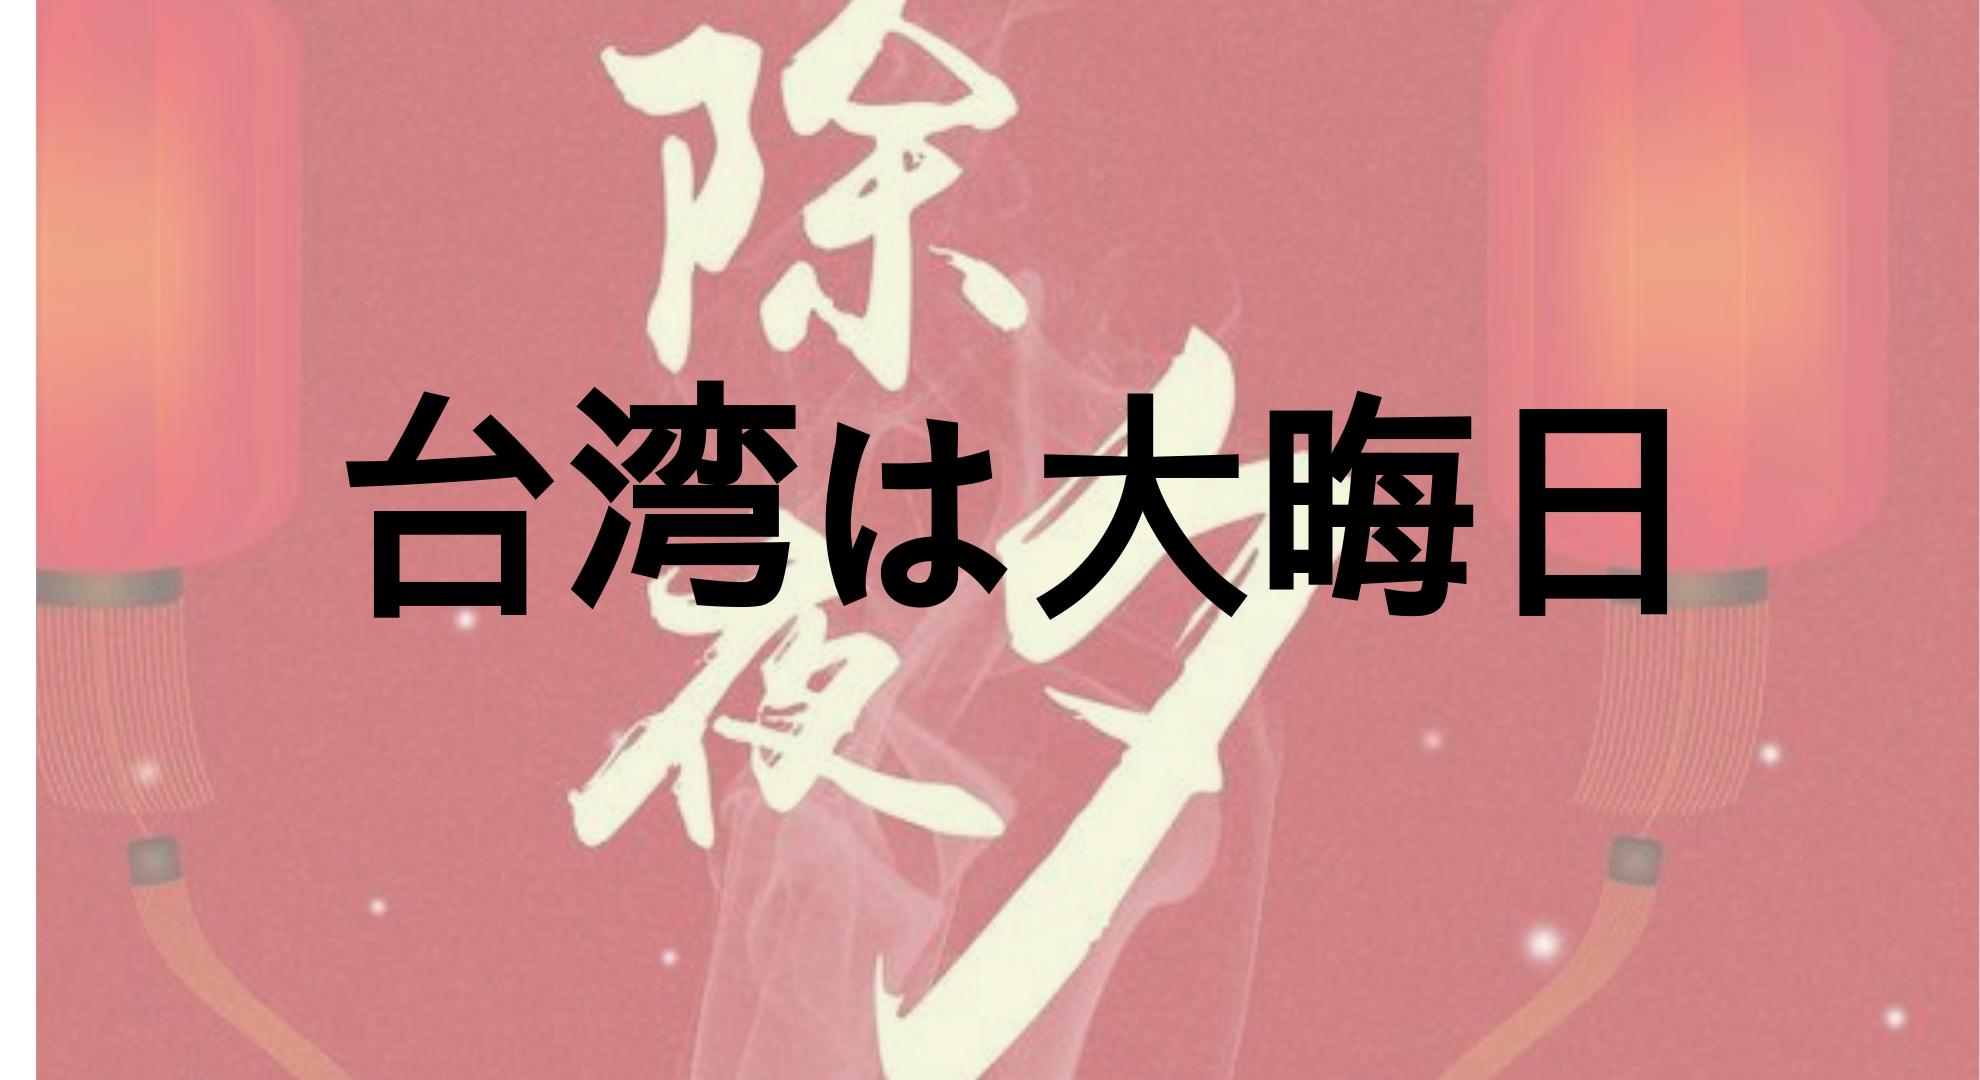 旧正月・除夕 台湾は今日は大晦日!